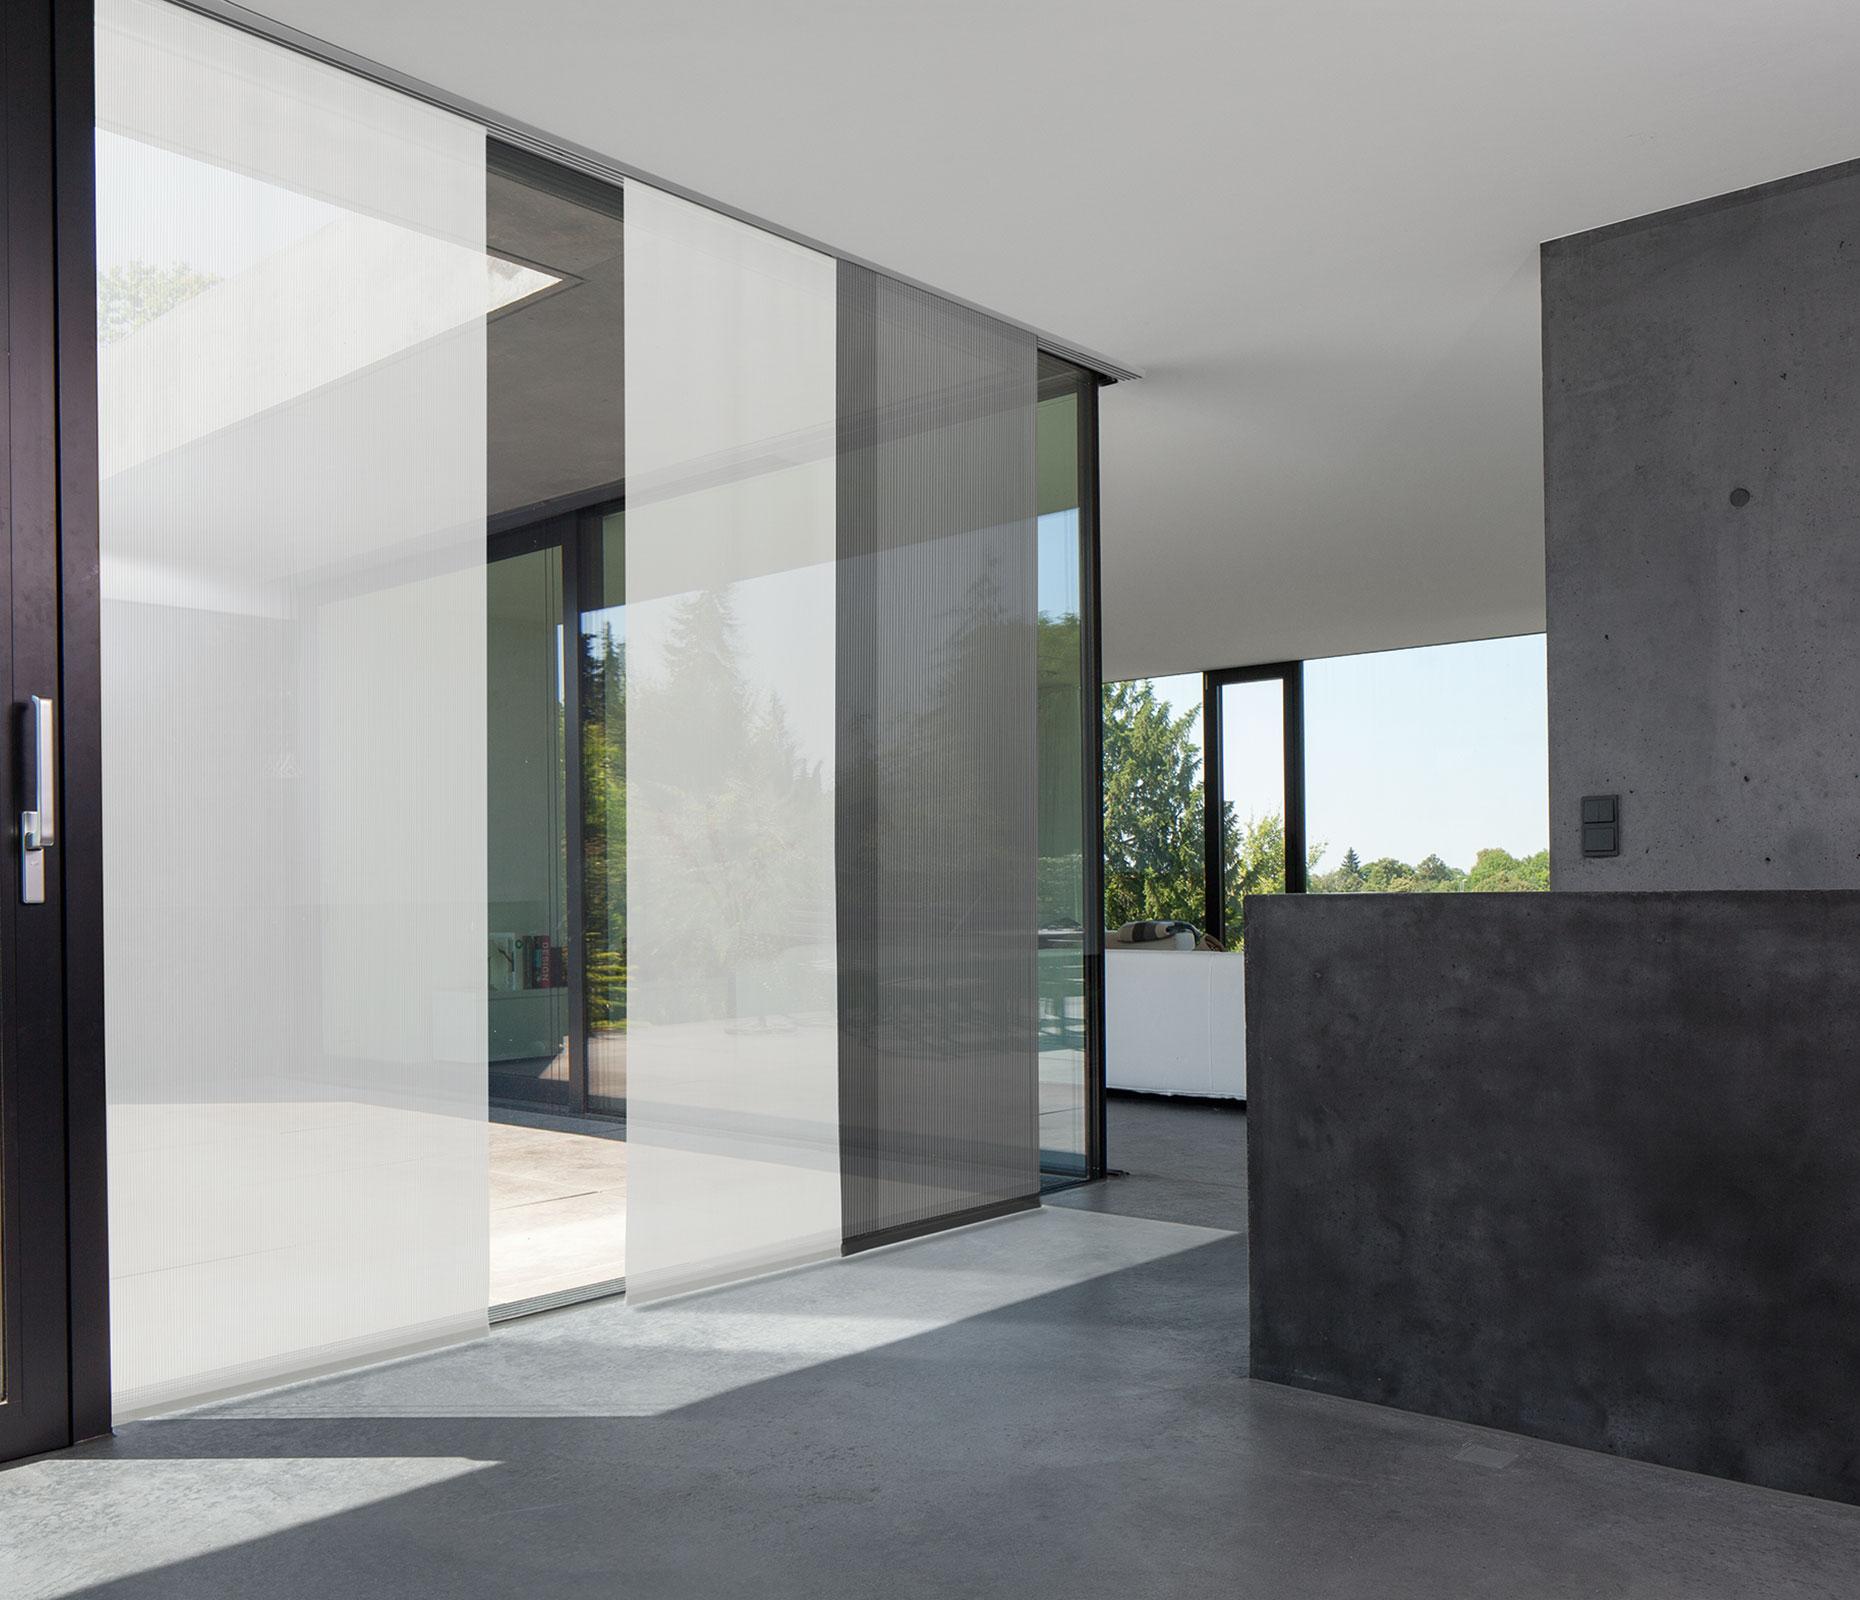 Bild MHZ | Flächenvorhang transparent weiß/anthrazit